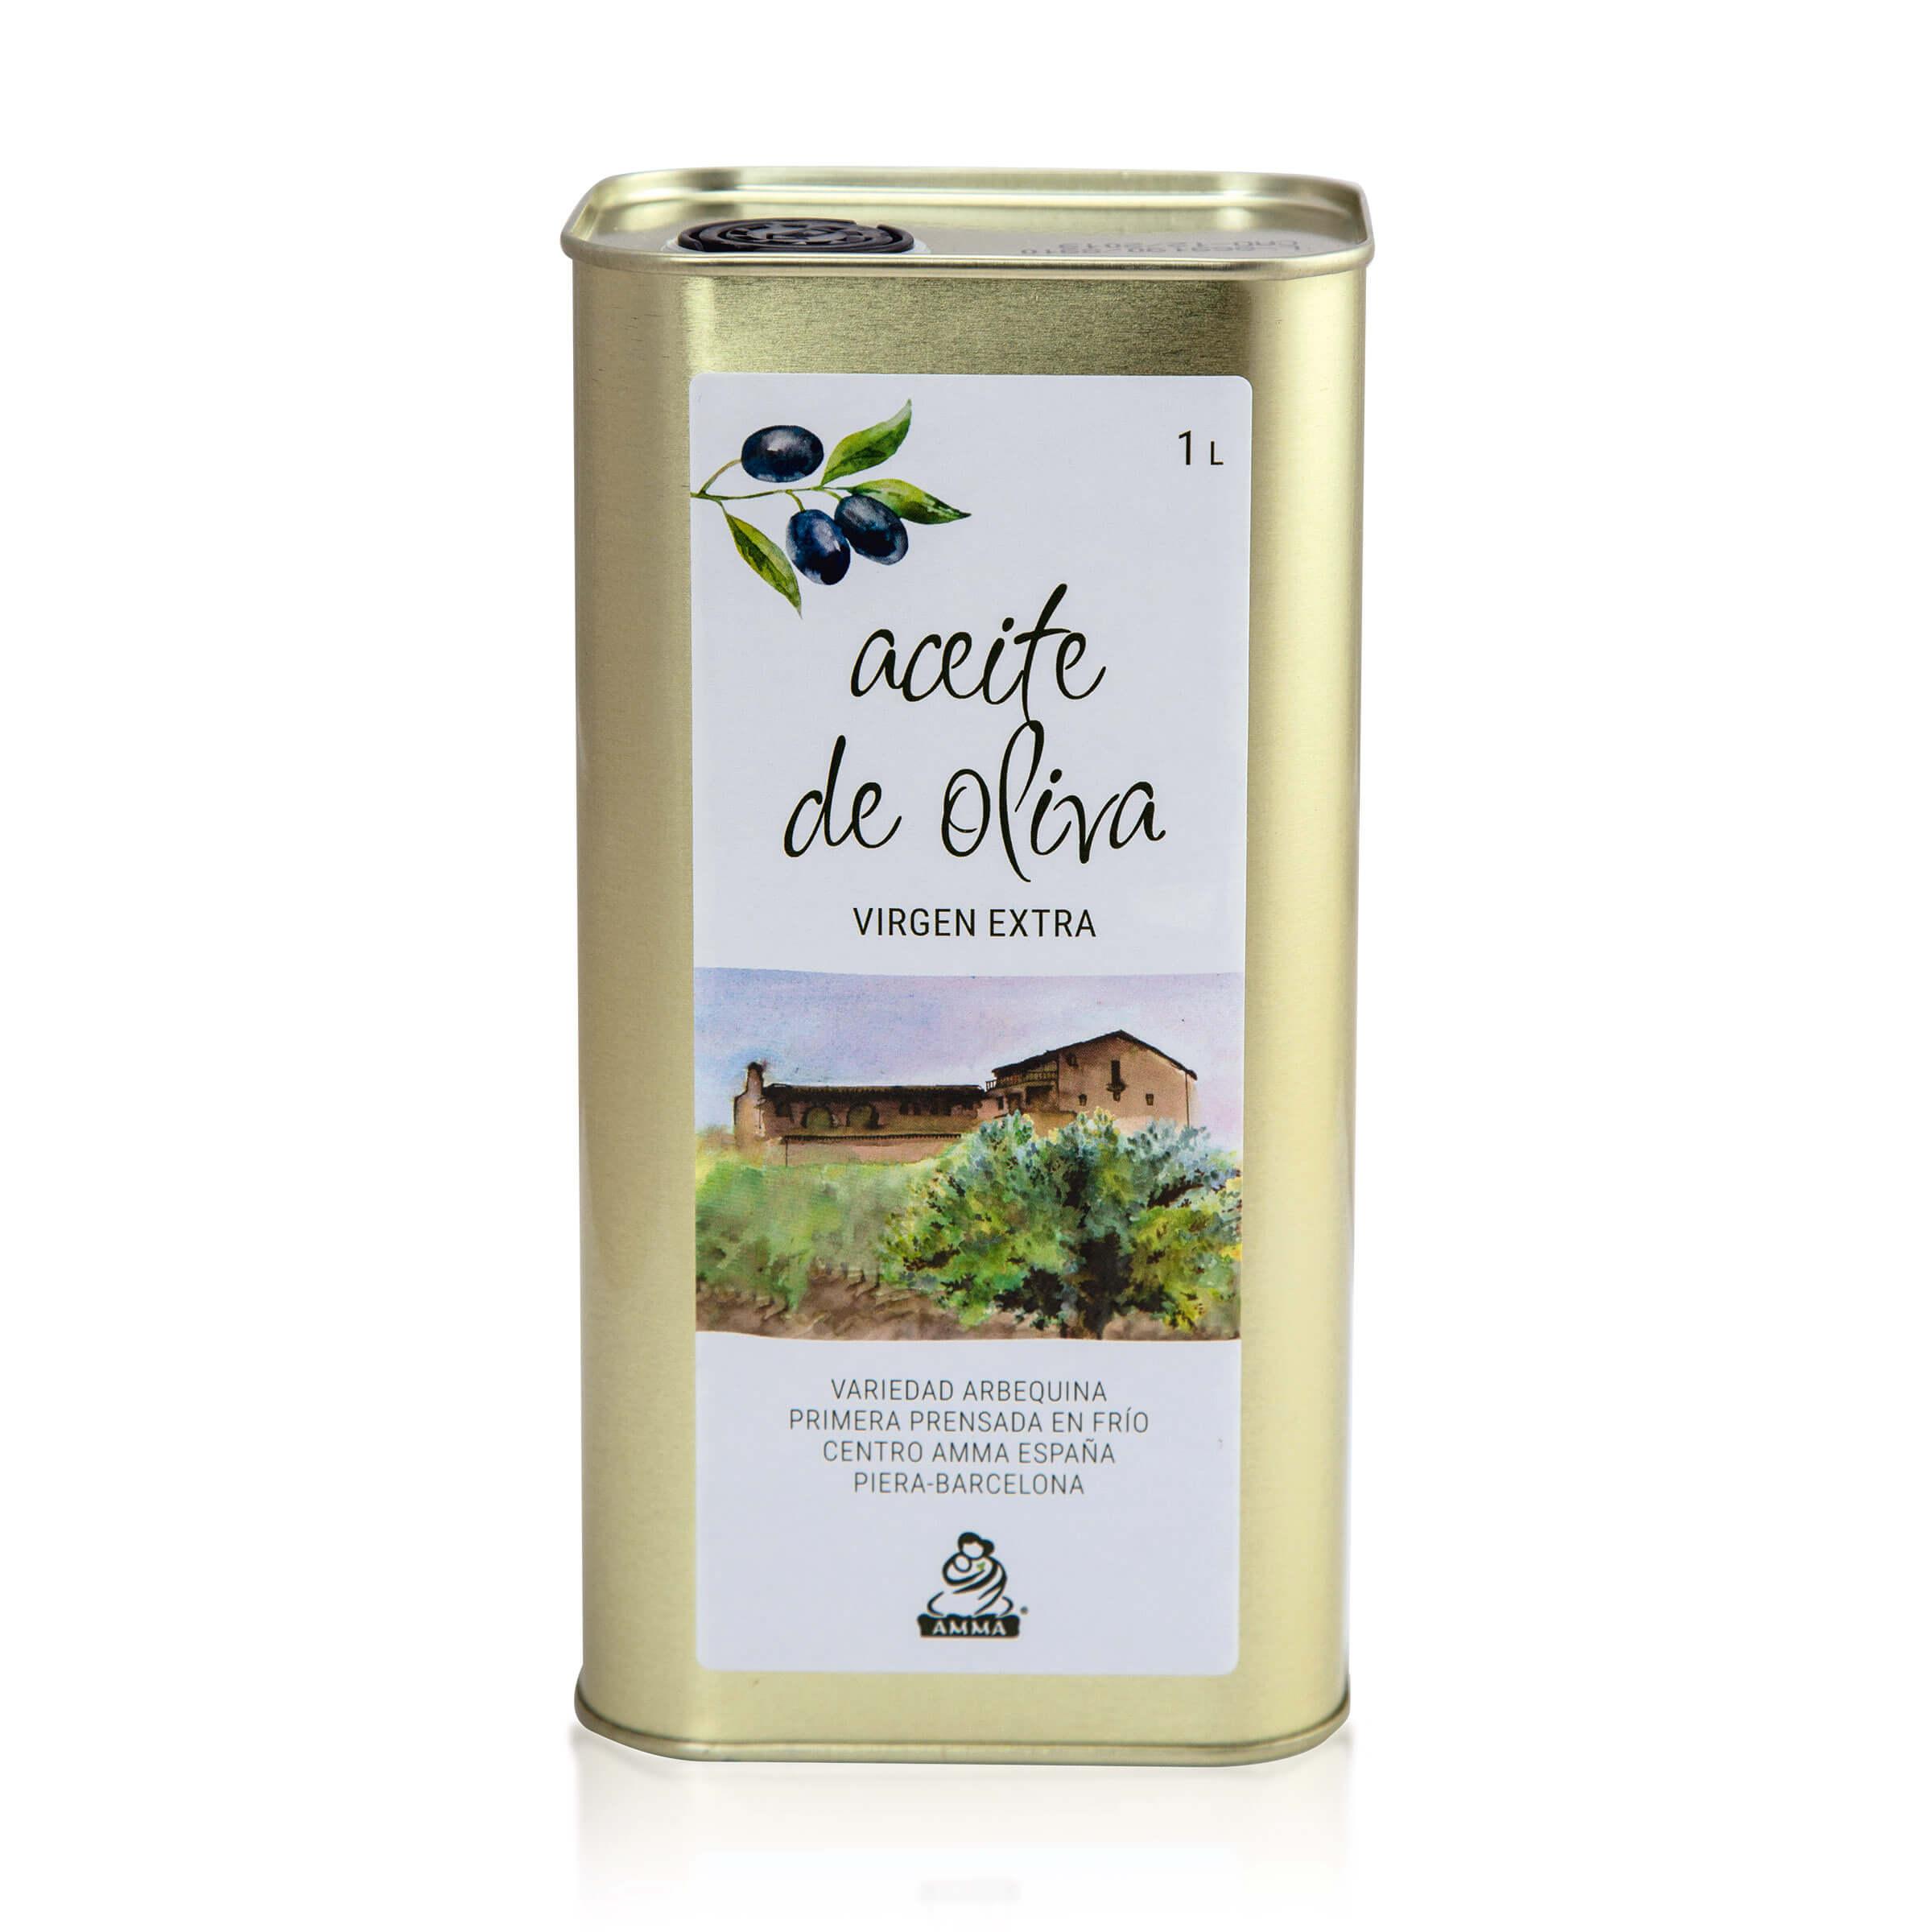 Spanish Virgin Olive Oil Extra 1 Liter